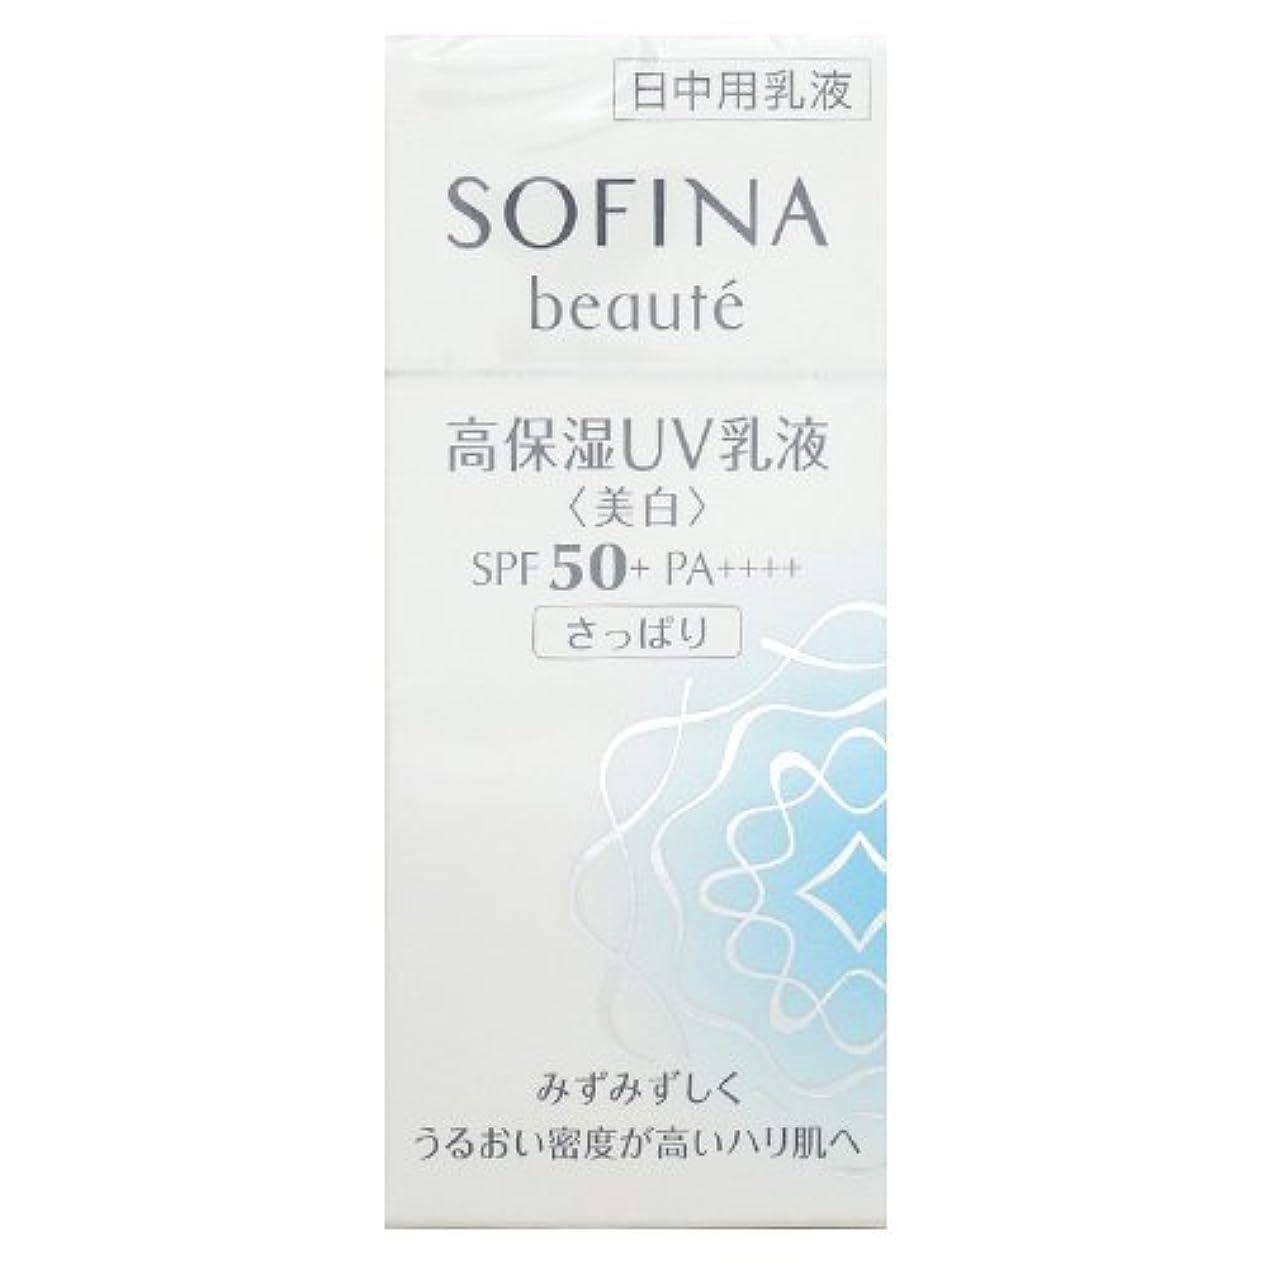 セクション加速度みなさん花王 ソフィーナ ボーテ SOFINA beaute 高保湿UV乳液 美白 SPF50+ PA++++ さっぱり 30mL [並行輸入品]